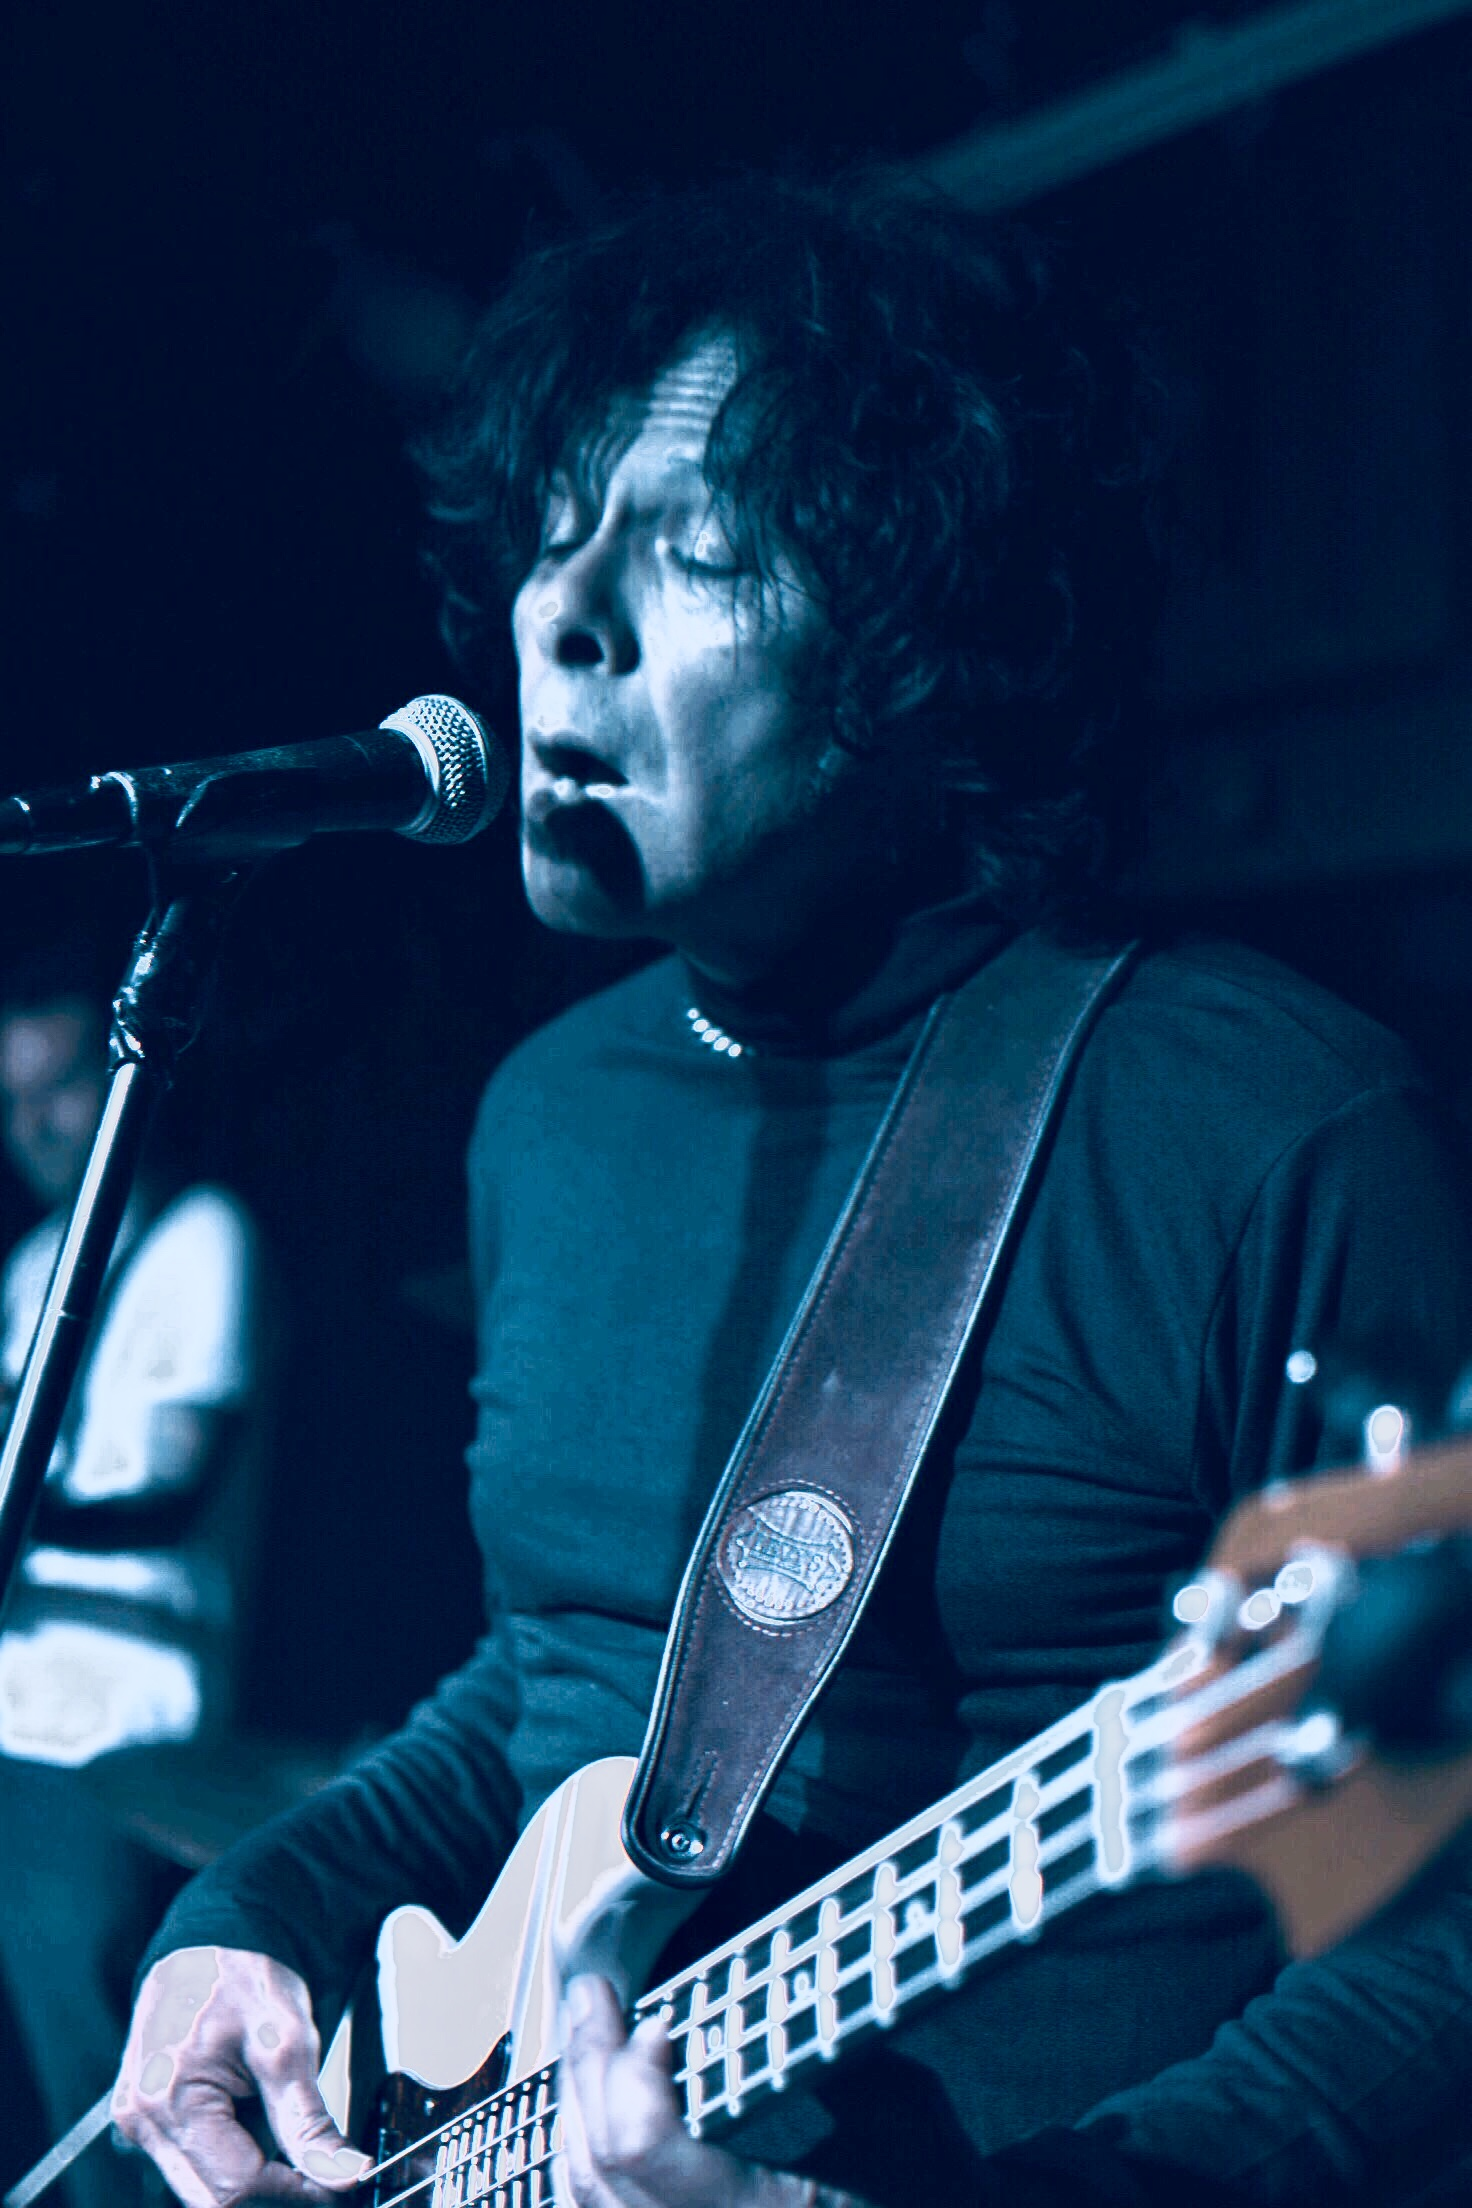 Tom Singing